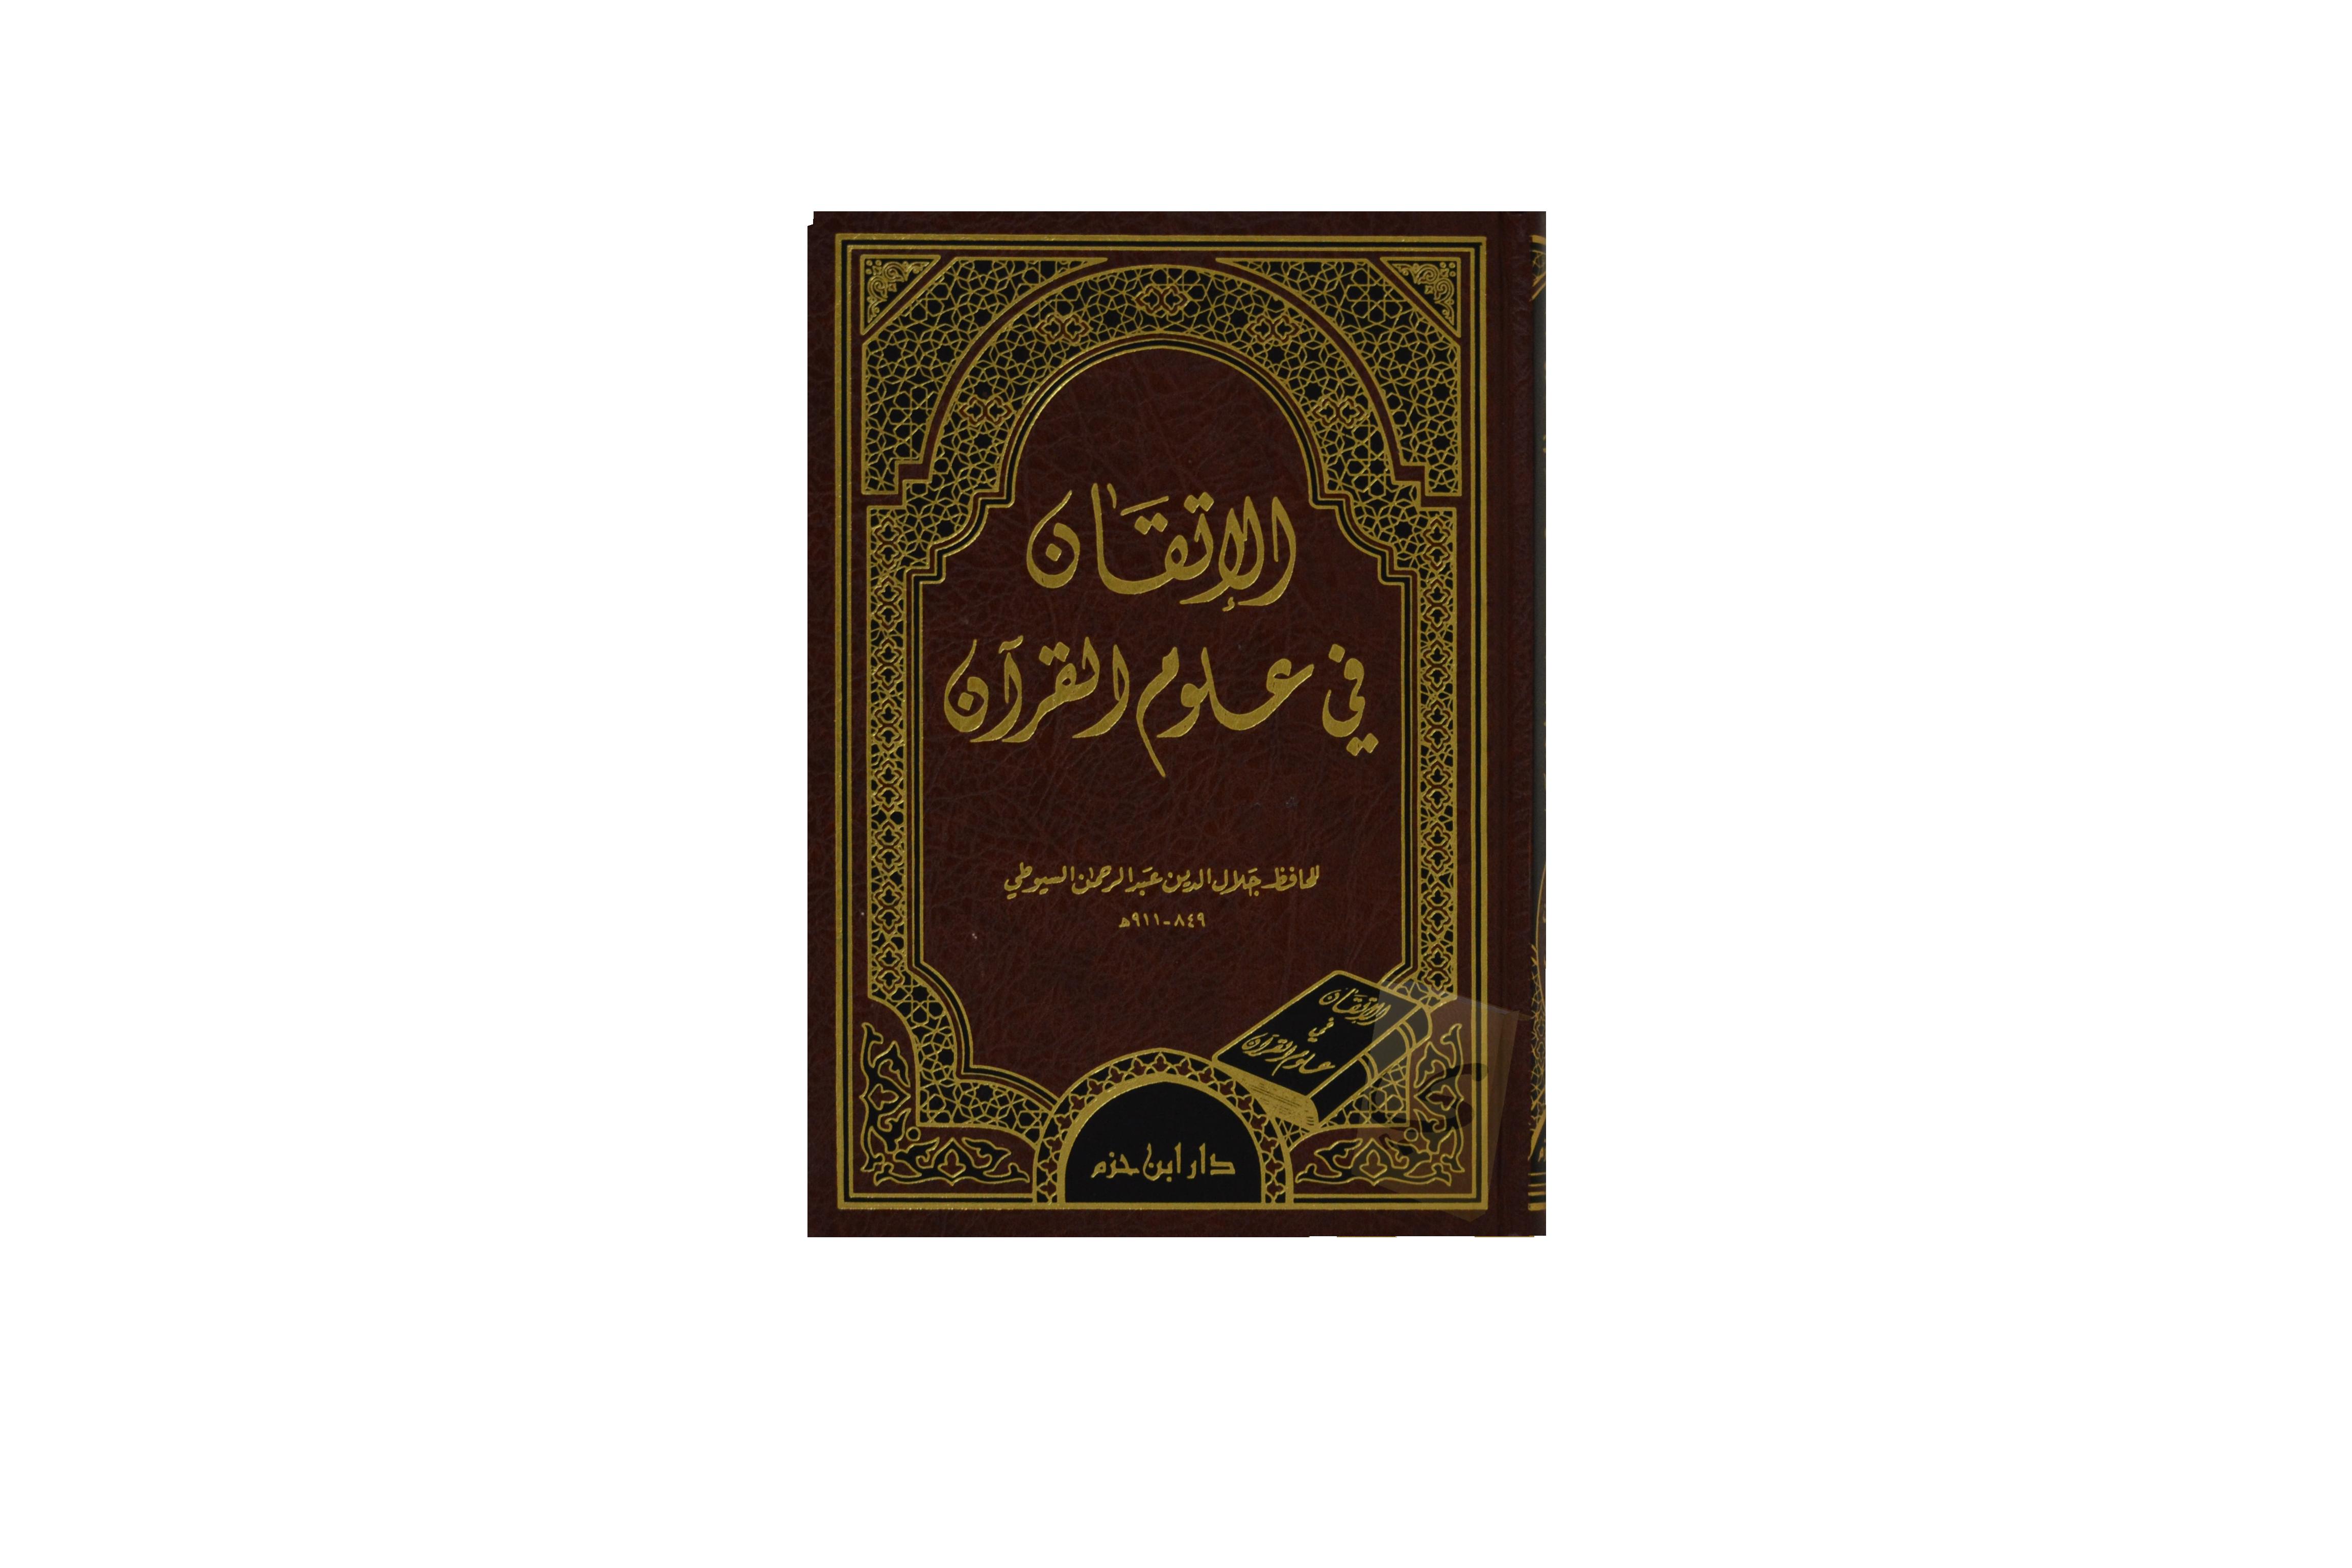 Al-Itqan fi ulum al-Qor'an